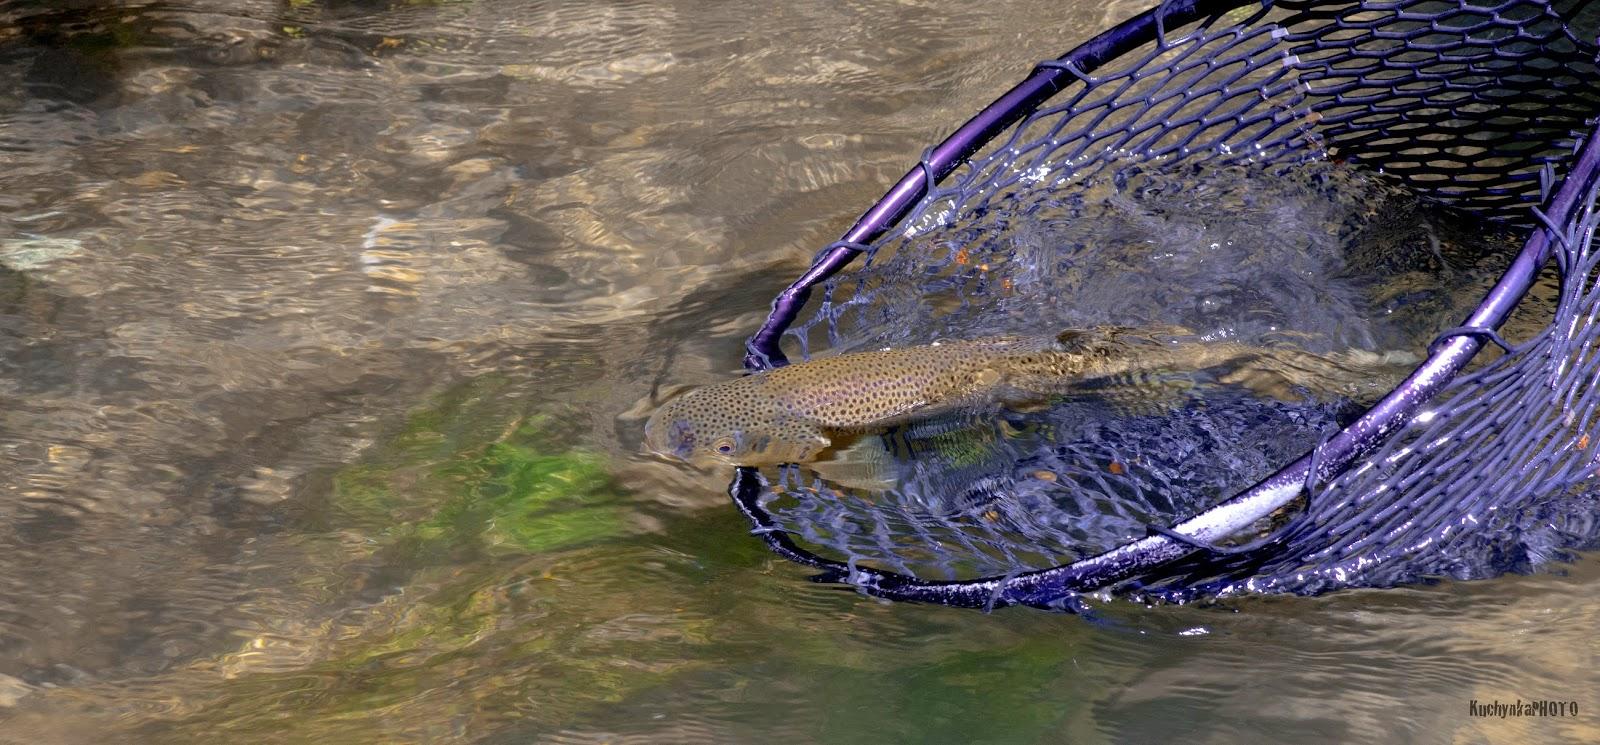 Floatfisher May 26 2015